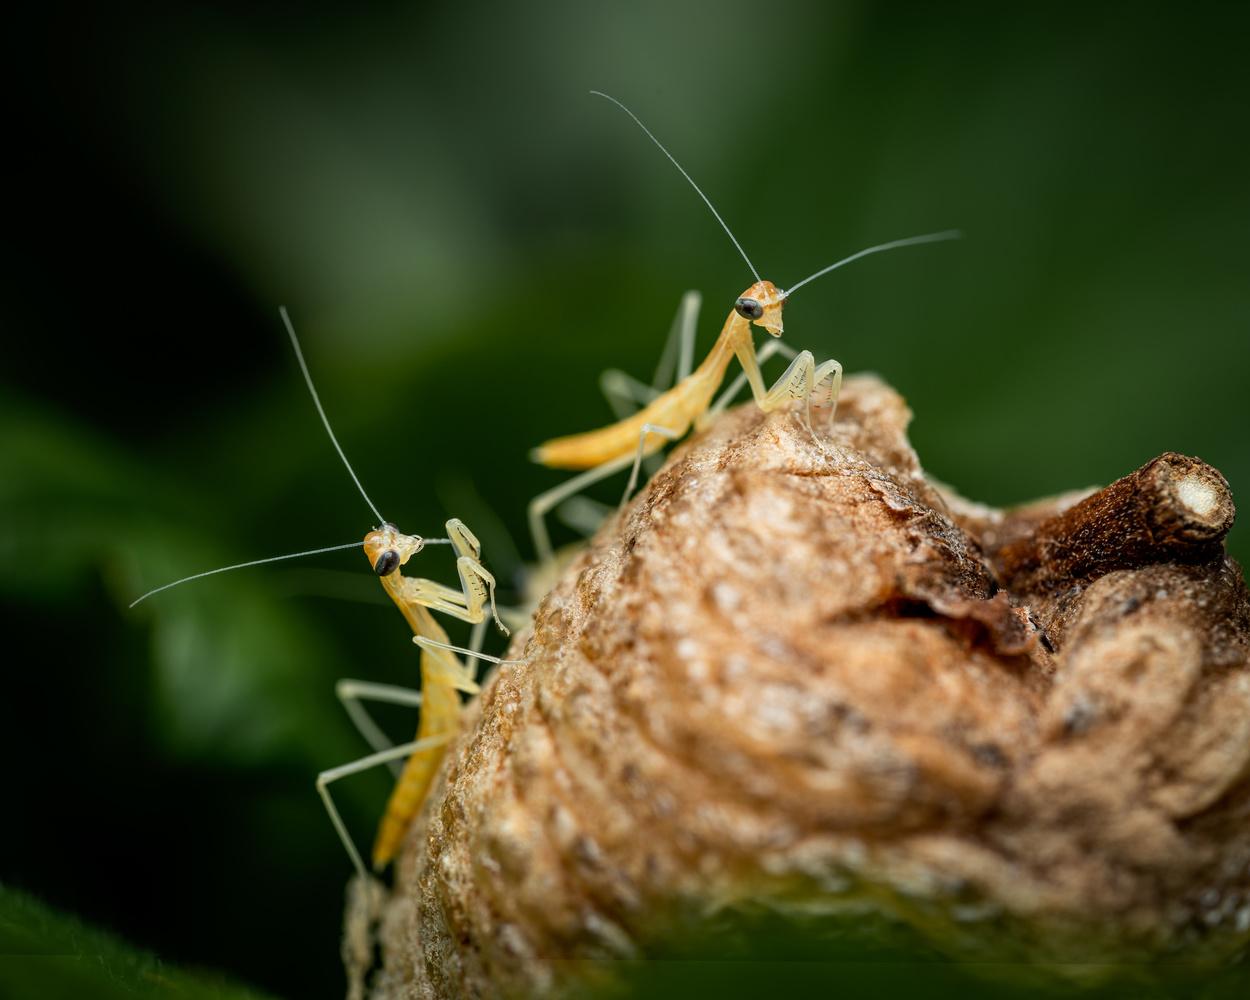 Praying mantis hatching by Skyler Ewing